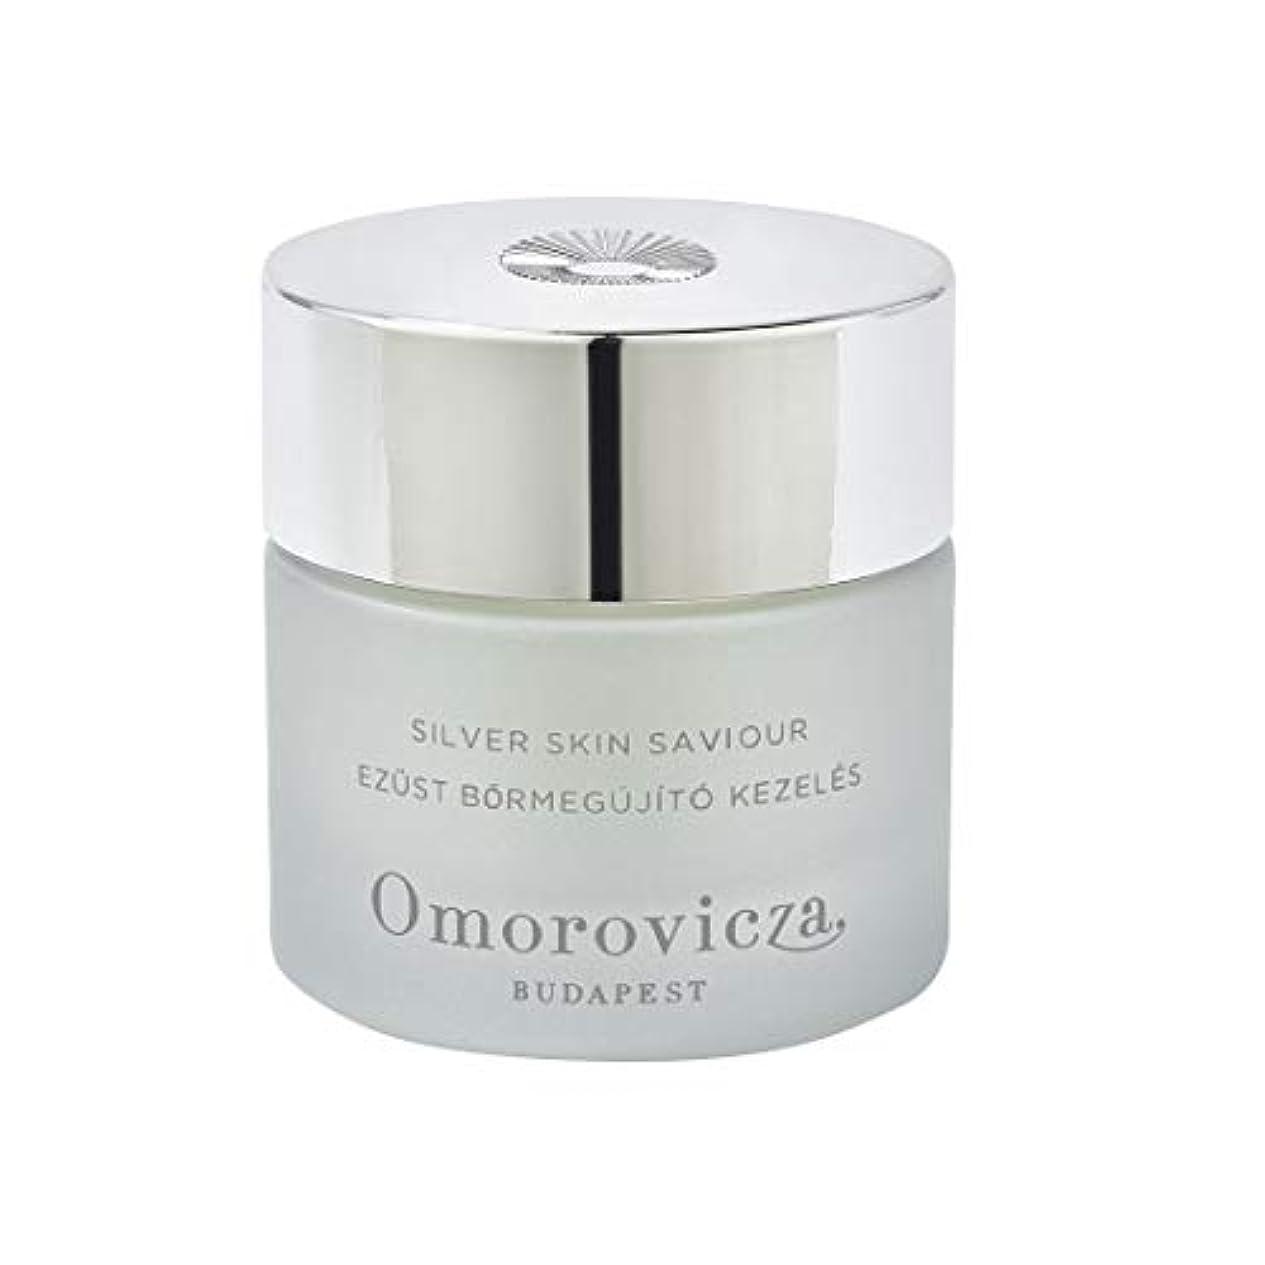 ソロなめらか表現OMOROVICZA Silver Skin Saviour 50ml